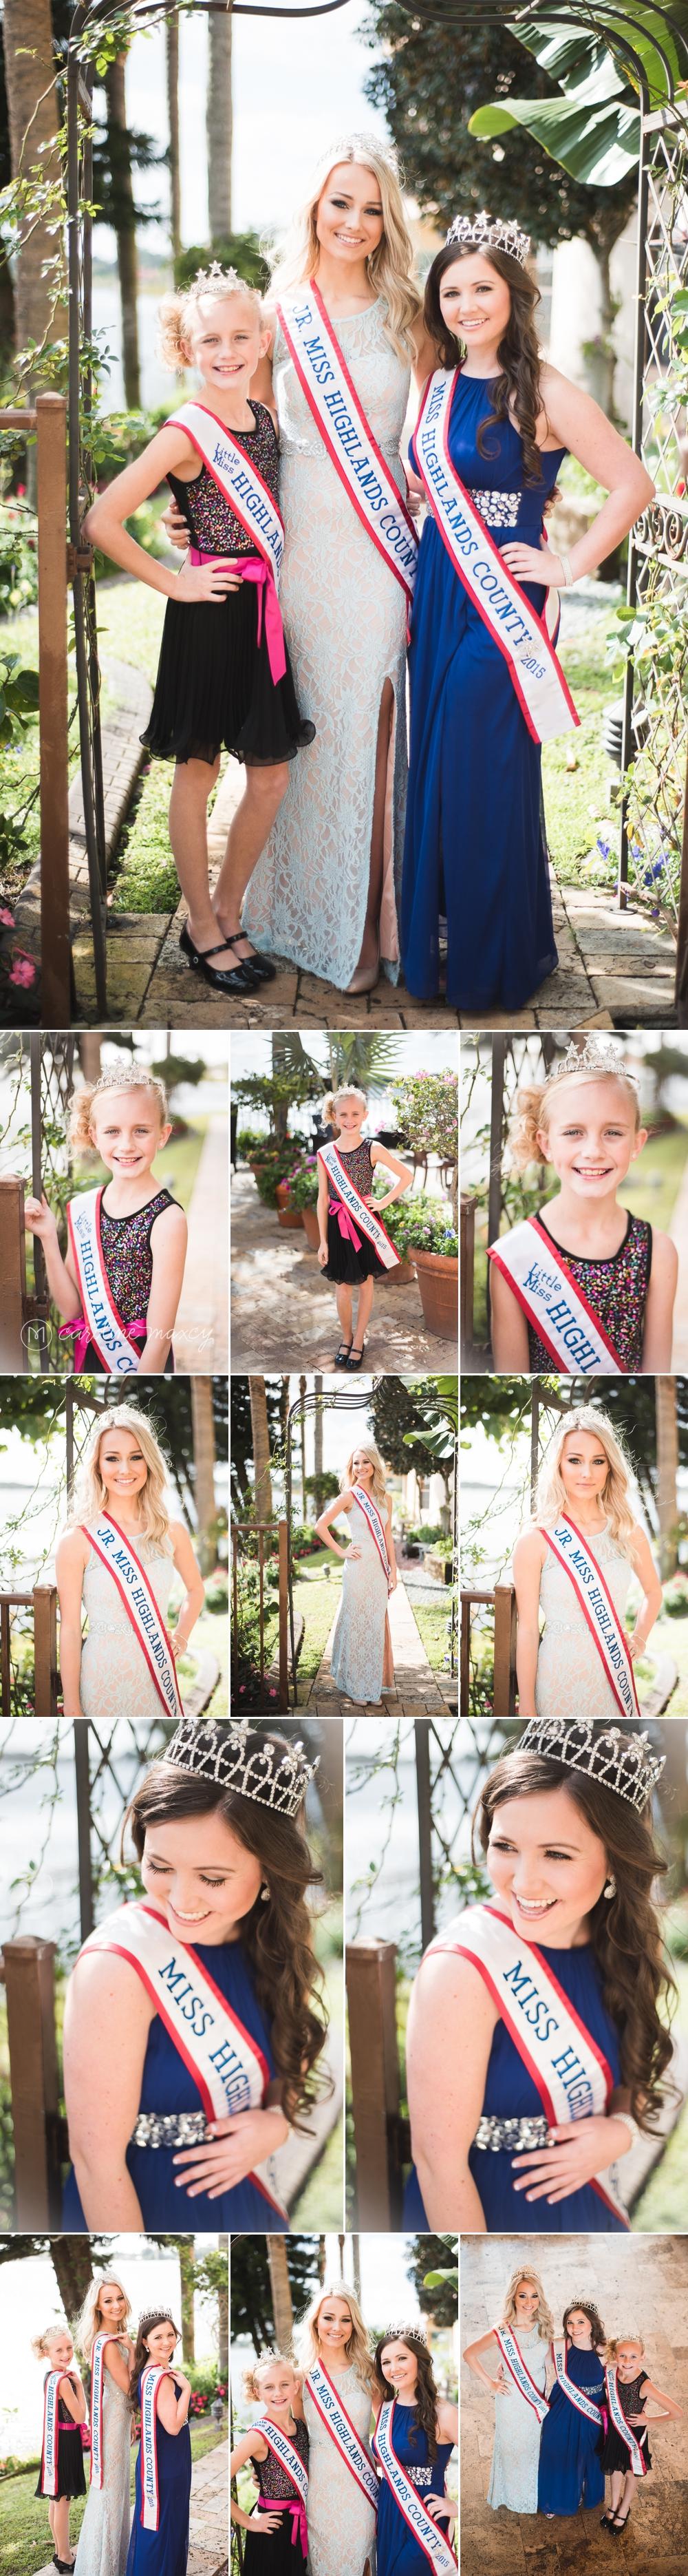 2015 Miss HC Queens 2.jpg